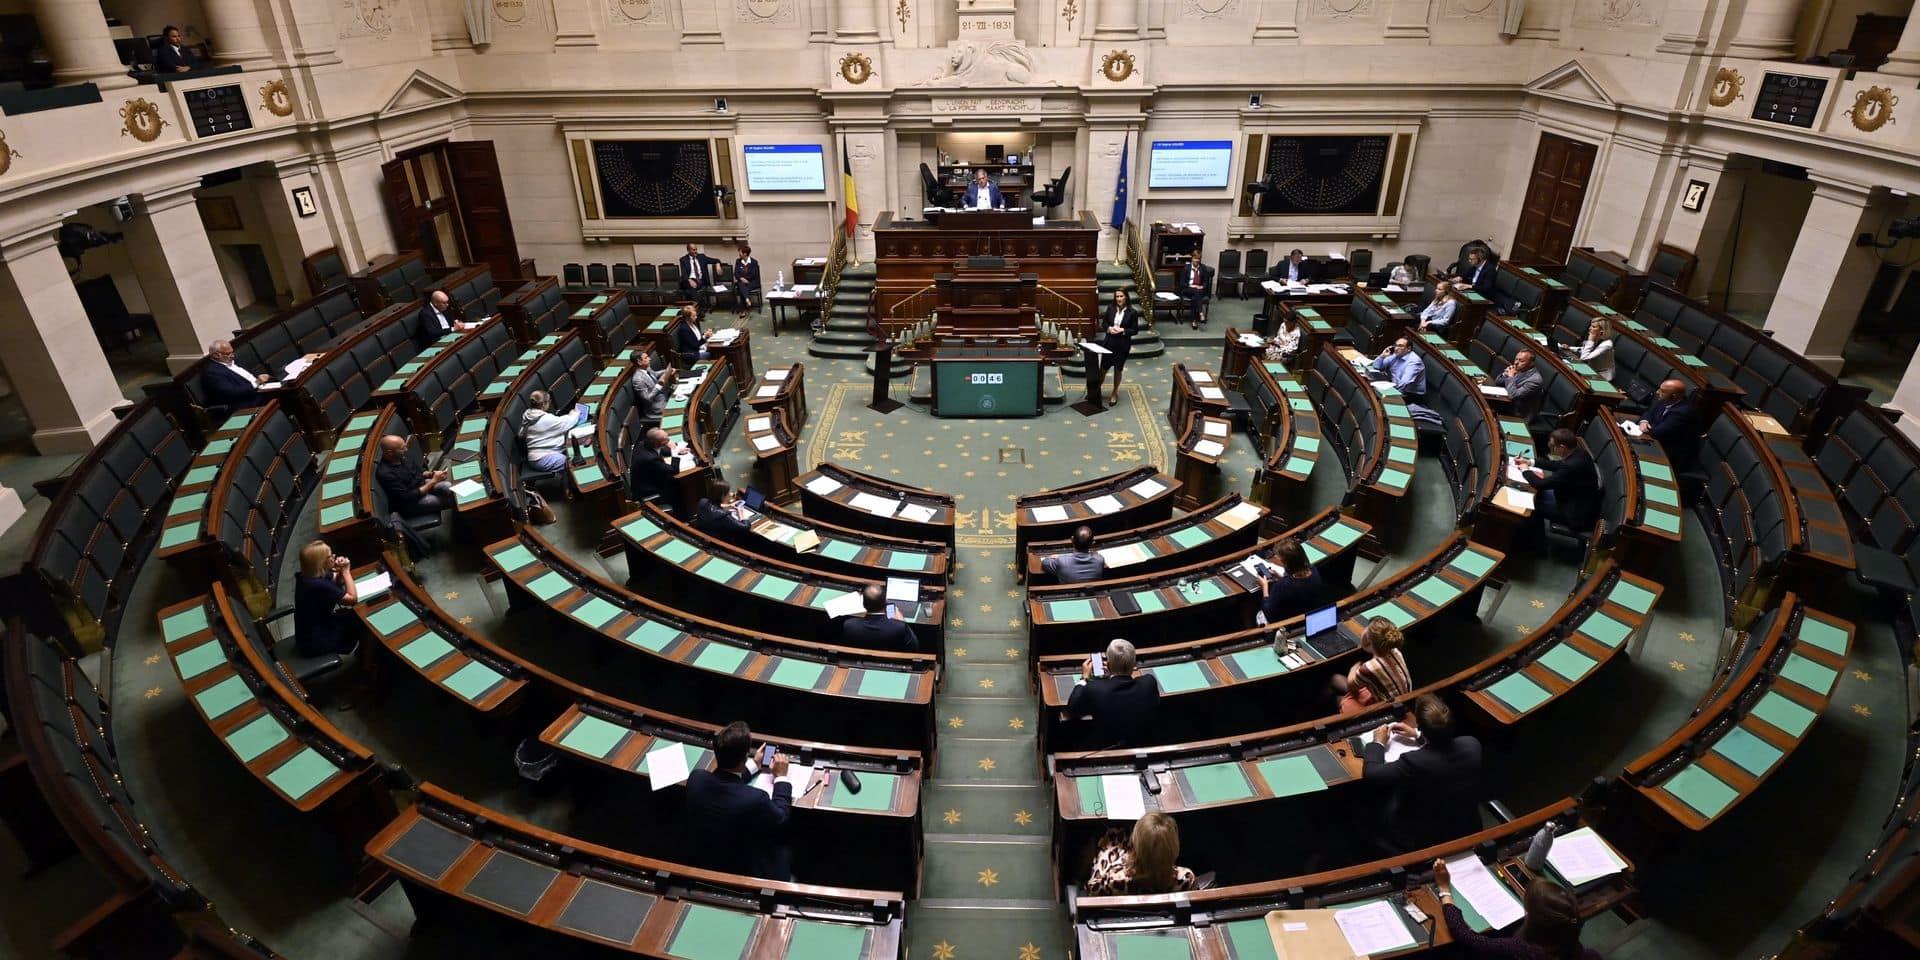 """Le parlement belge interpellé par le sort des Ouïghours en Chine: """"Le peuple juif d'hier est le peuple ouïghour d'aujourd'hui"""""""